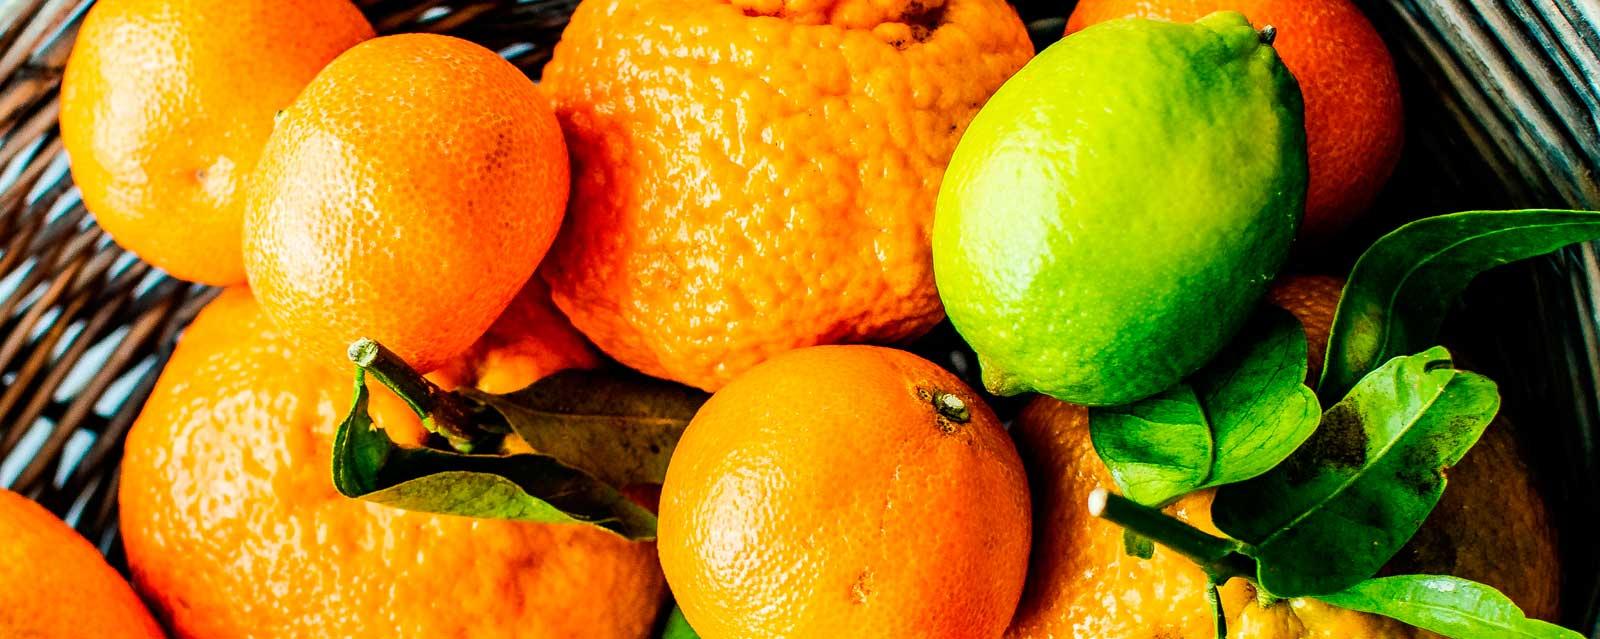 fitoquimicos en los alimentos